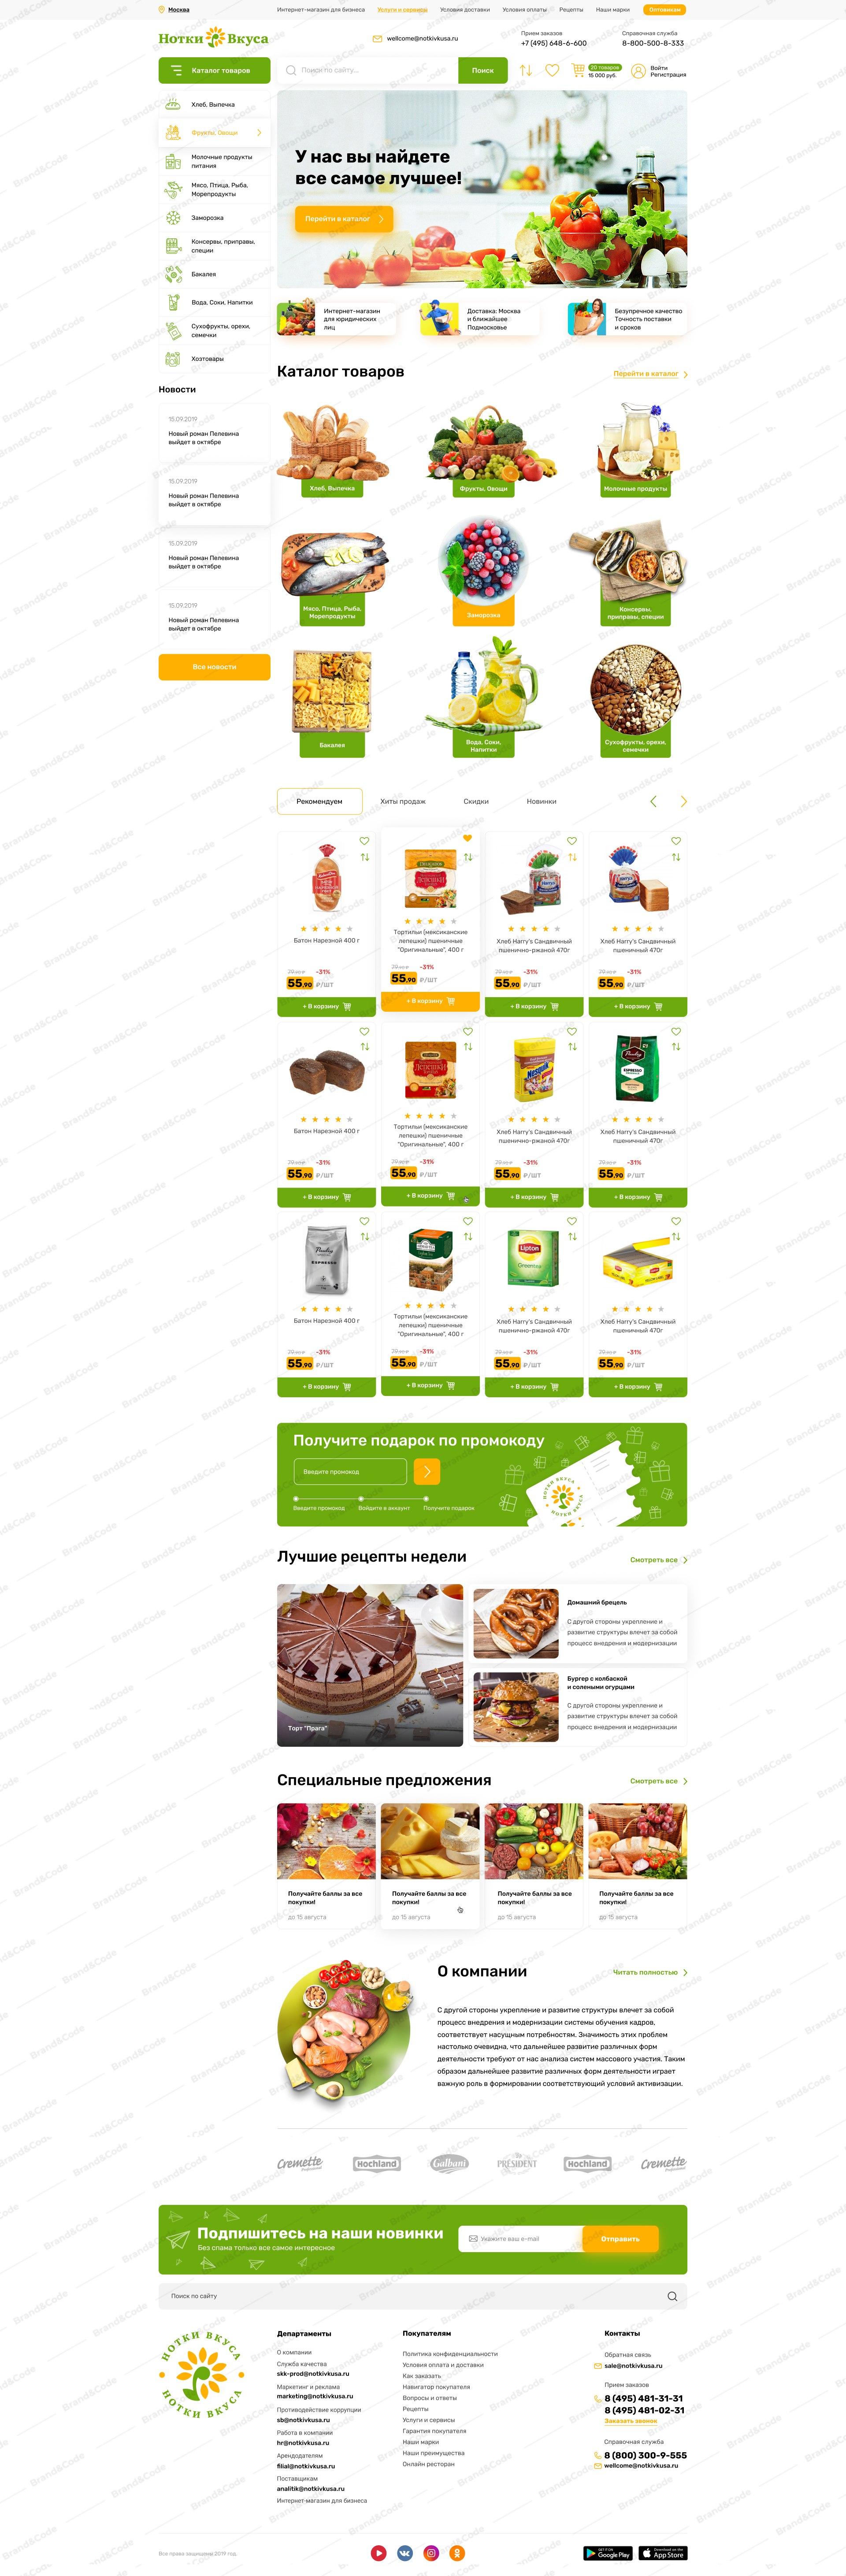 Нотки вкуса - интернет-магазин продуктов